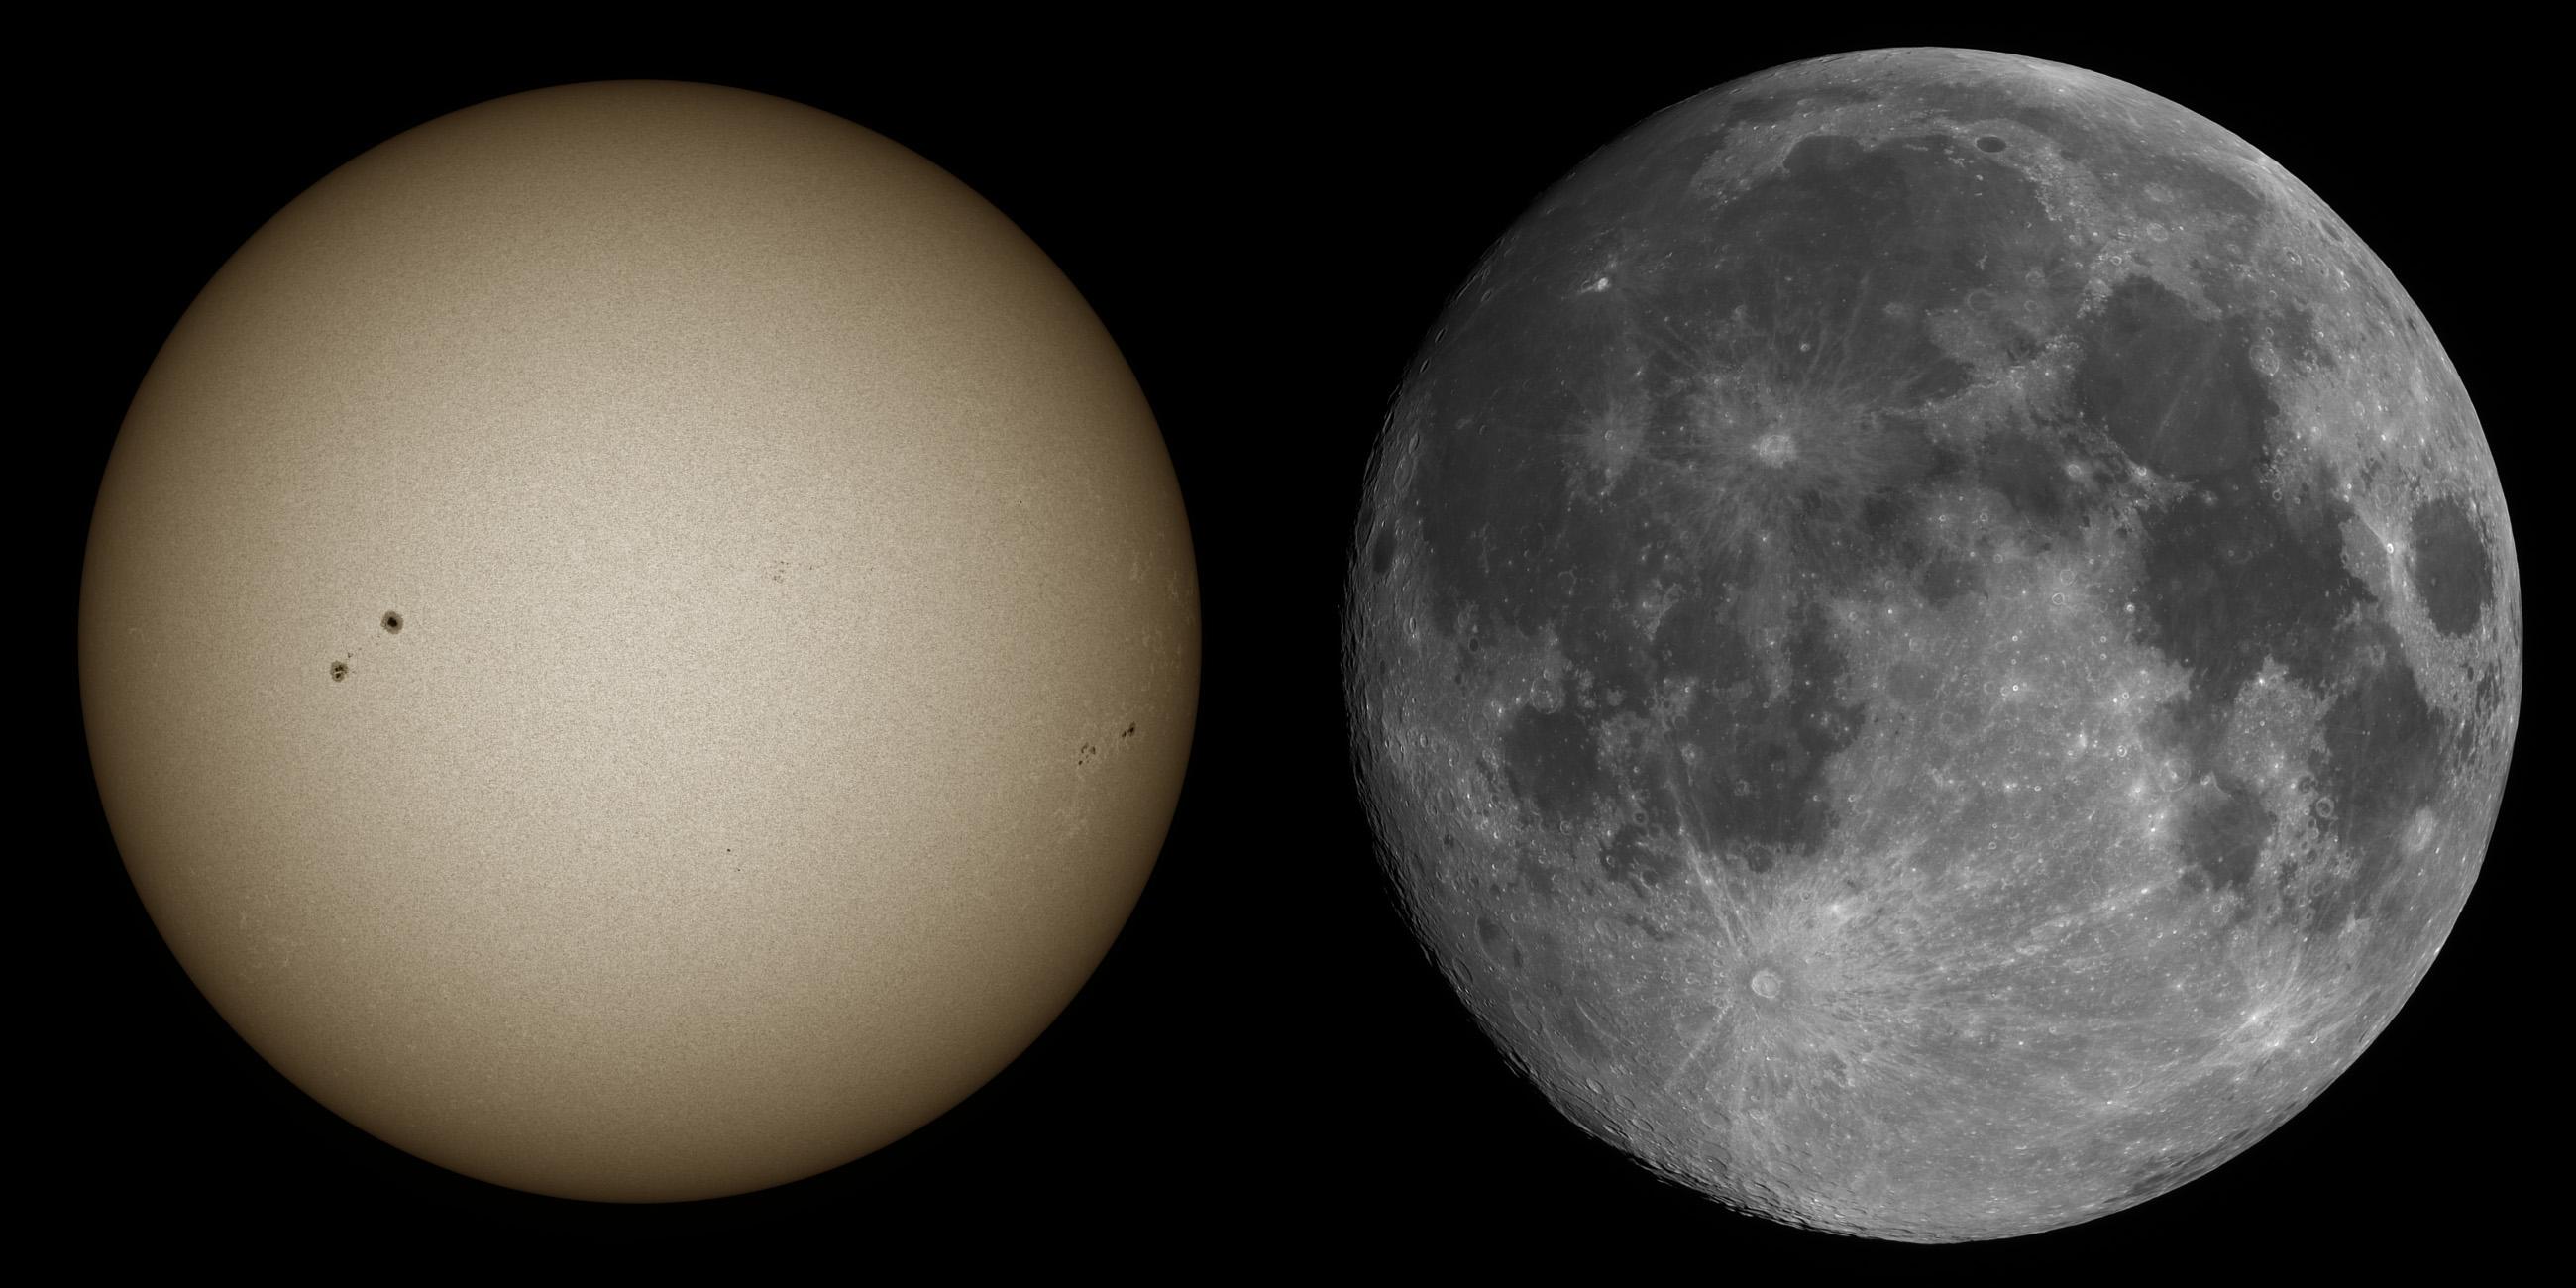 15-sun_moon_IK80_20140809_G3_mosaic